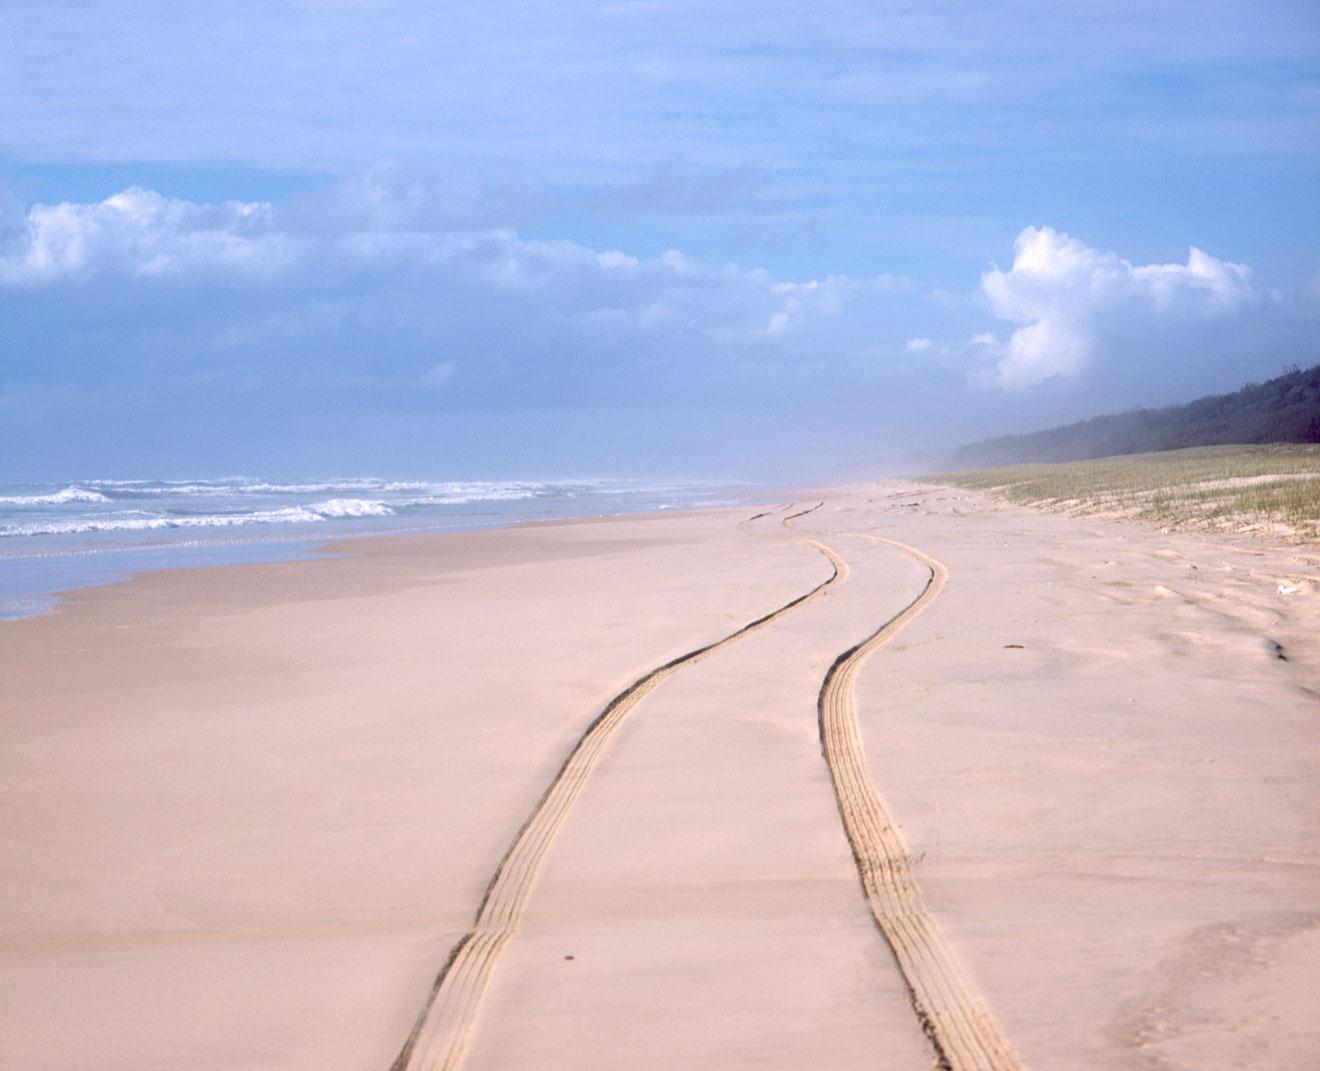 Choses à faire sur la plage de 75 miles à l'île de Fraser